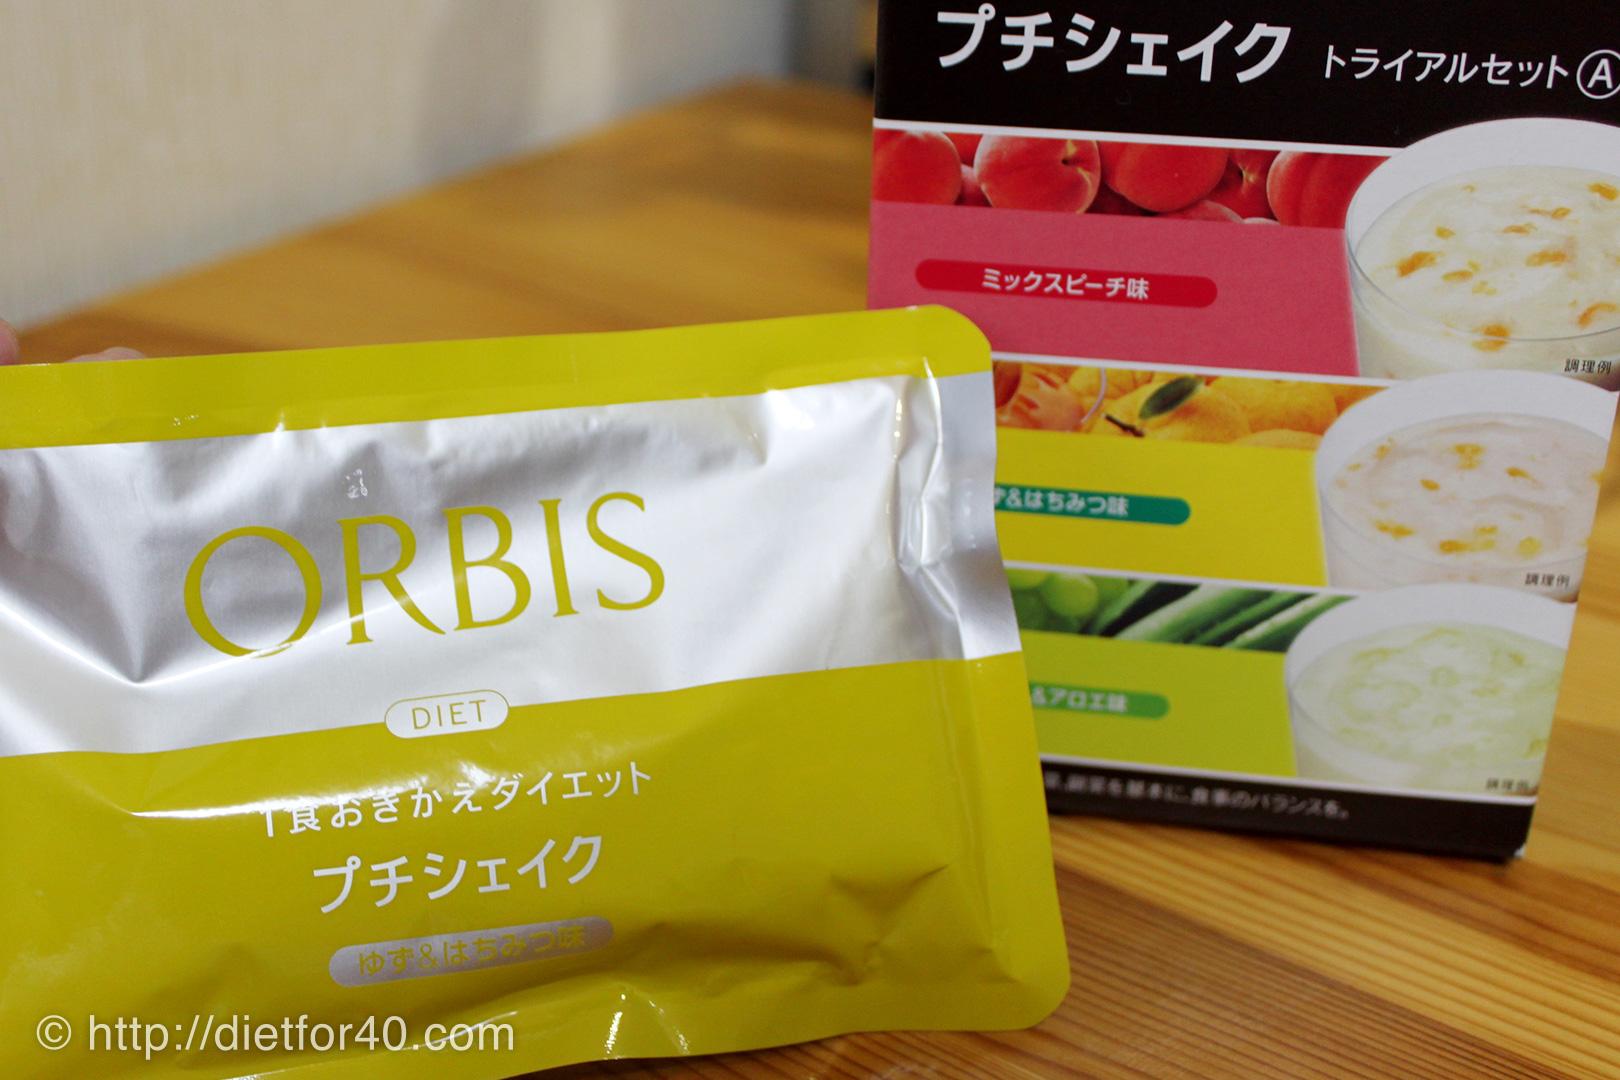 orbis-trial-a-yuzuhachimitsu-1